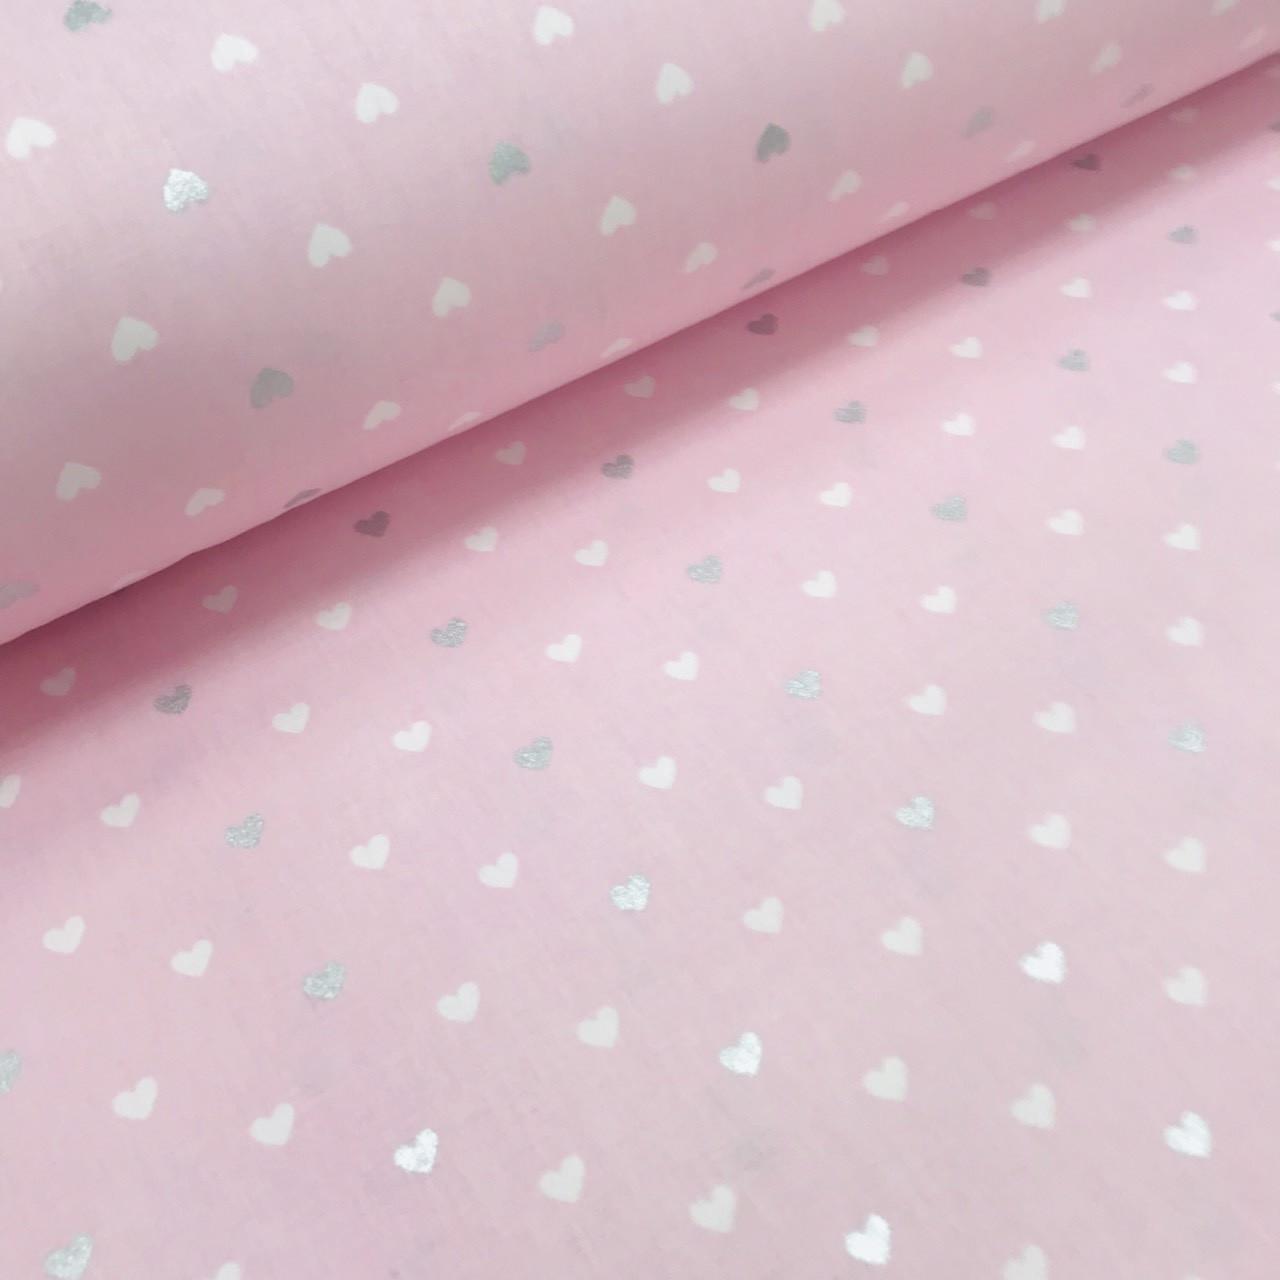 Хлопковая ткань (ТУРЦИЯ шир. 2,4 м) сердца мелкие бело-серебряные ( глиттер) на розовом